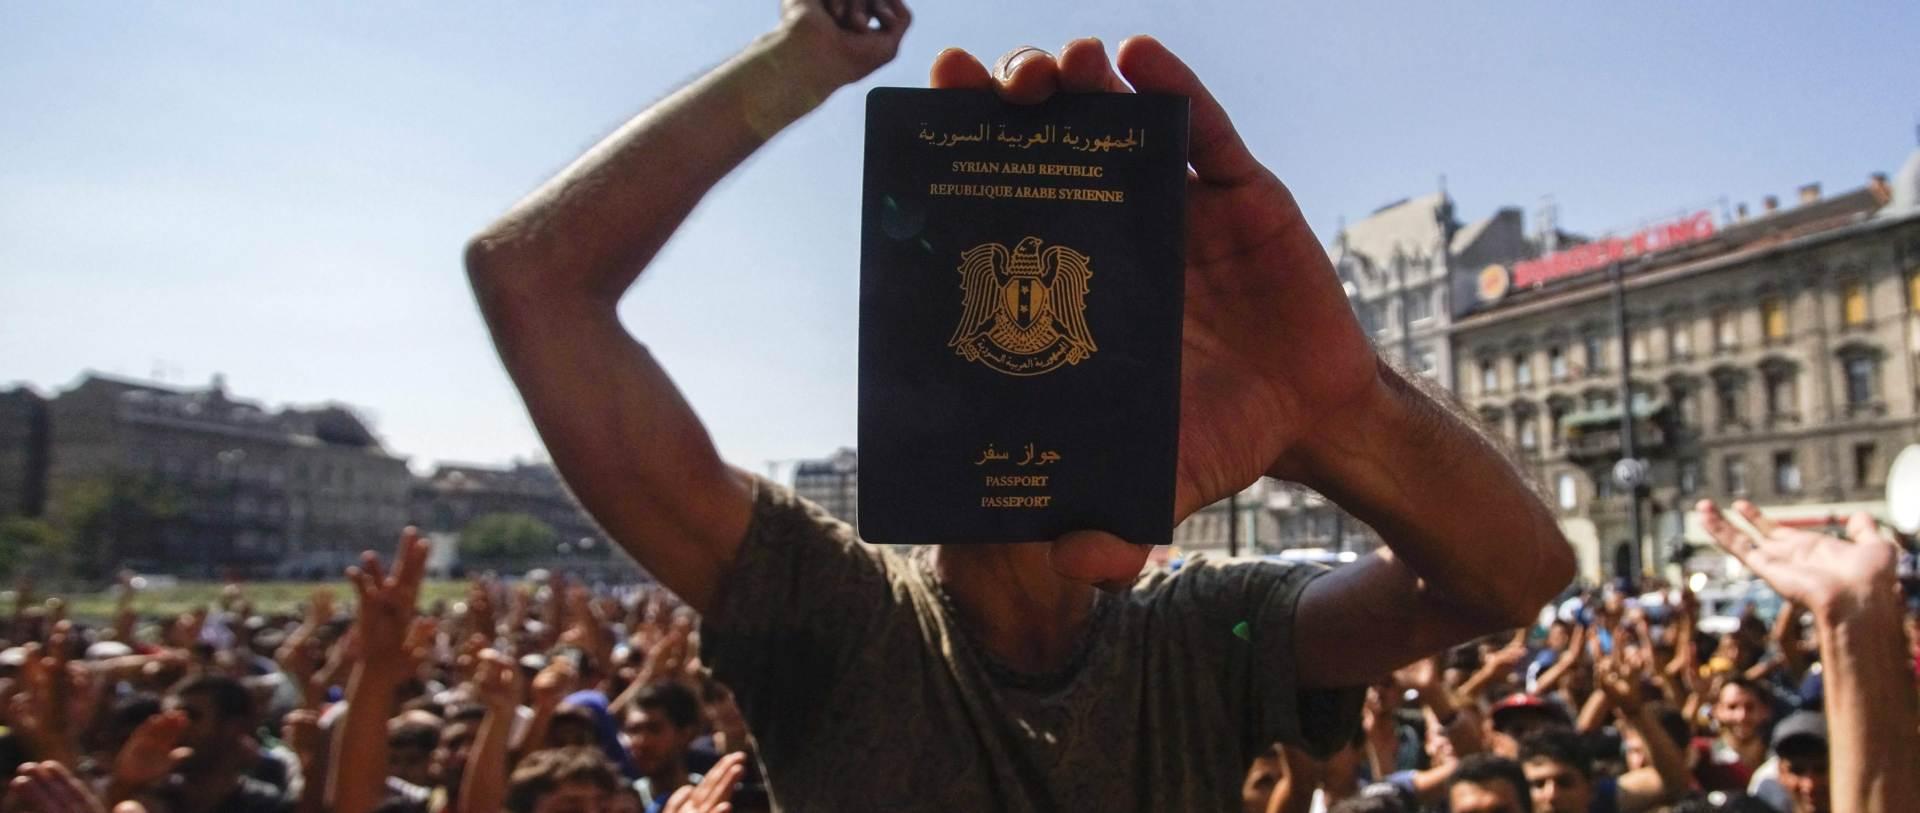 KRENULI PREMA SRBIJI: Sirijske izbjeglice stigle u BiH zrakoplovom i s vizama